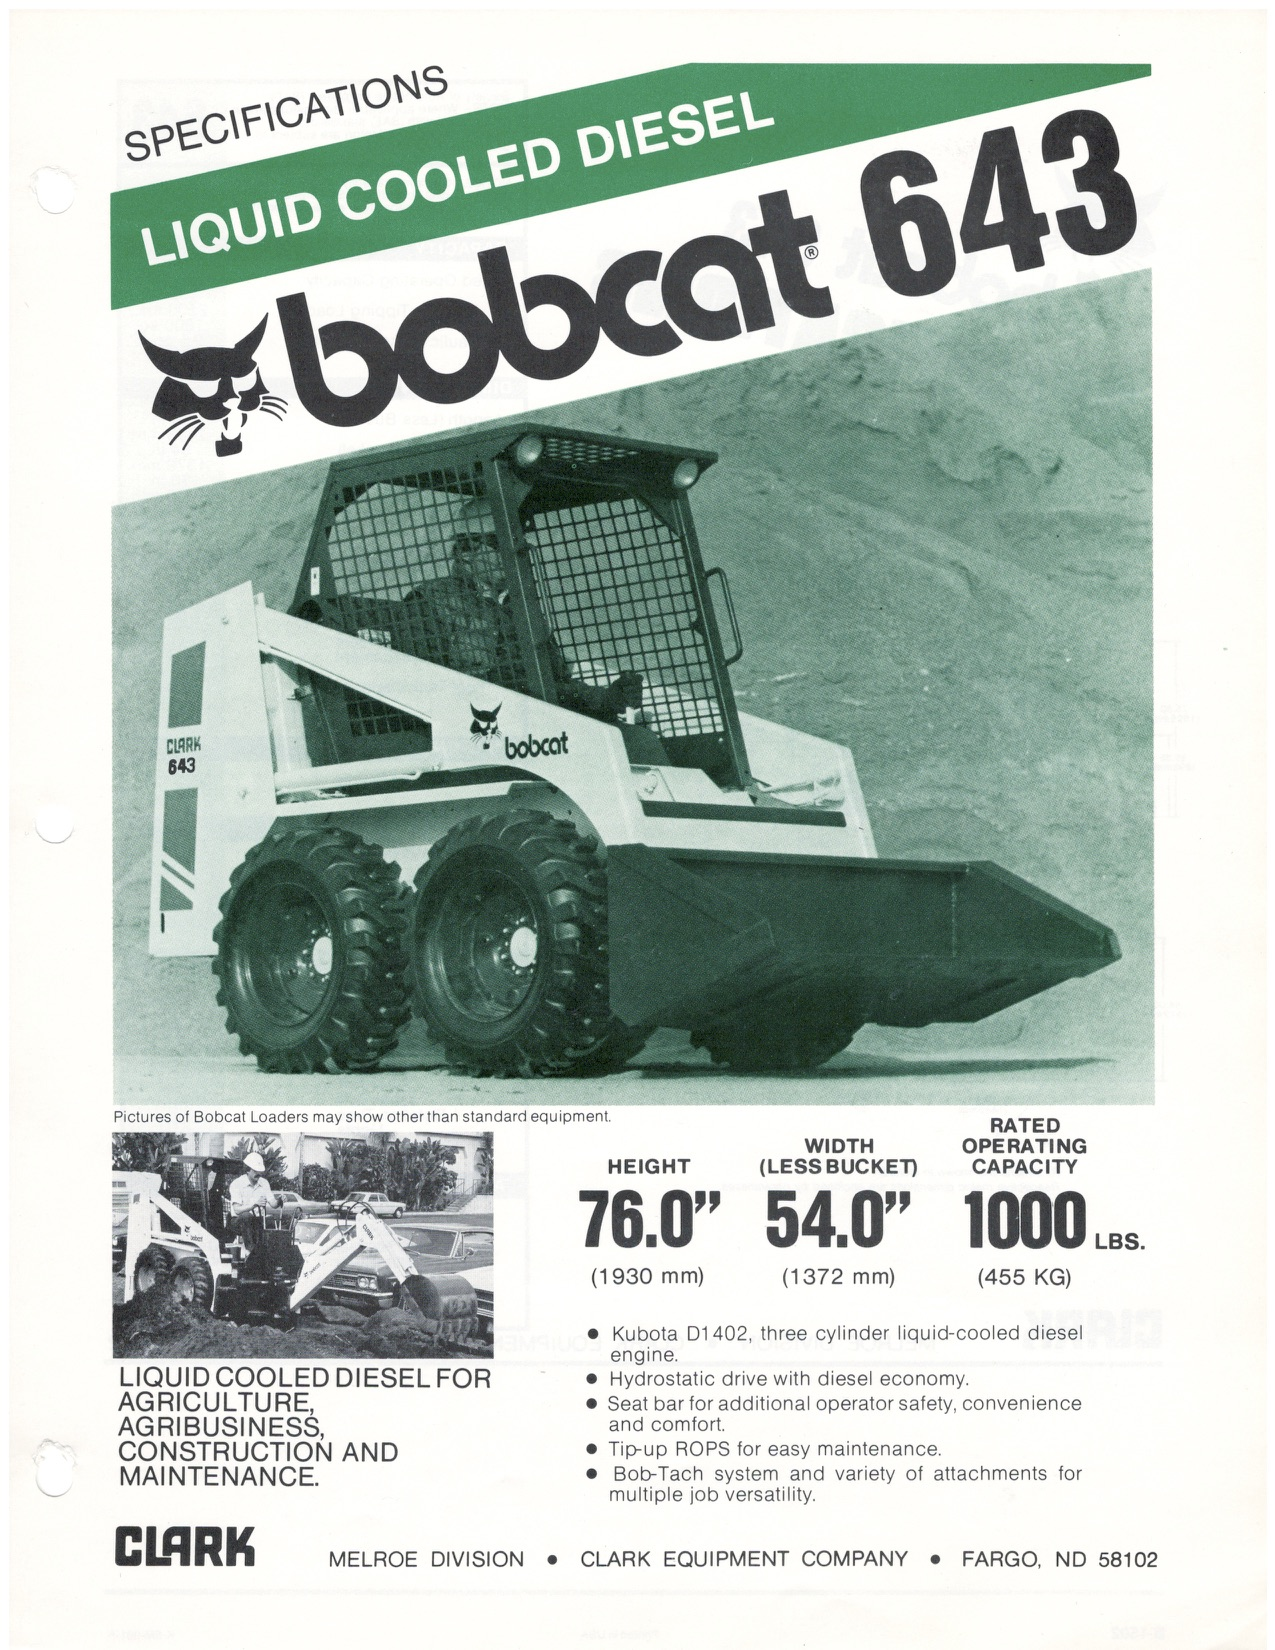 hight resolution of bobcat 643 spec sheet 1981